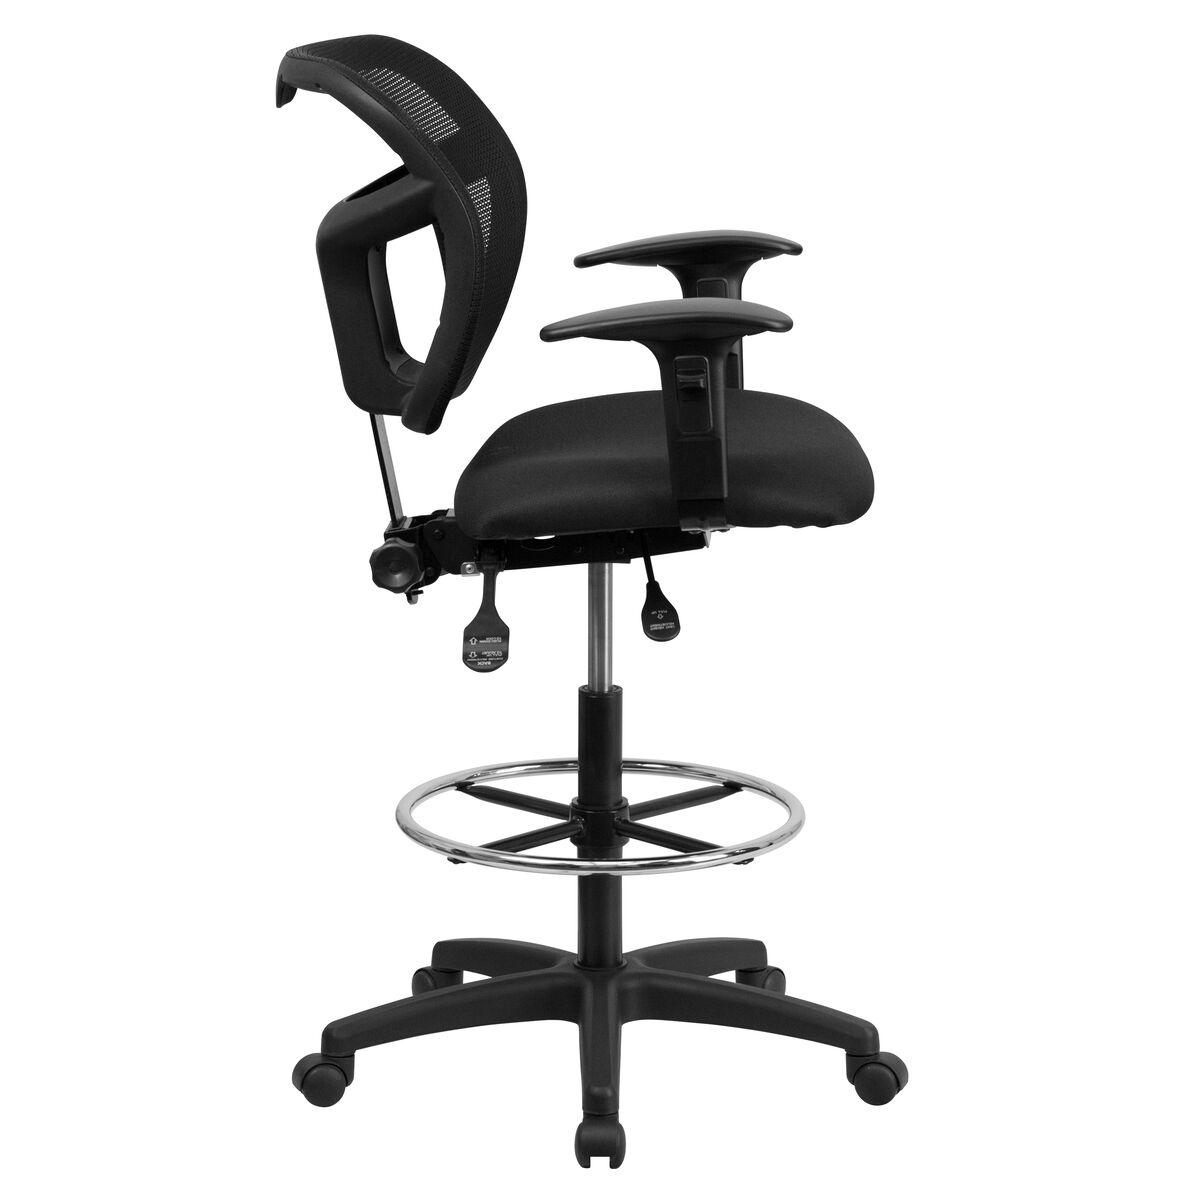 black mesh draft chair w arms wl a7671syg bk ad gg bizchair com